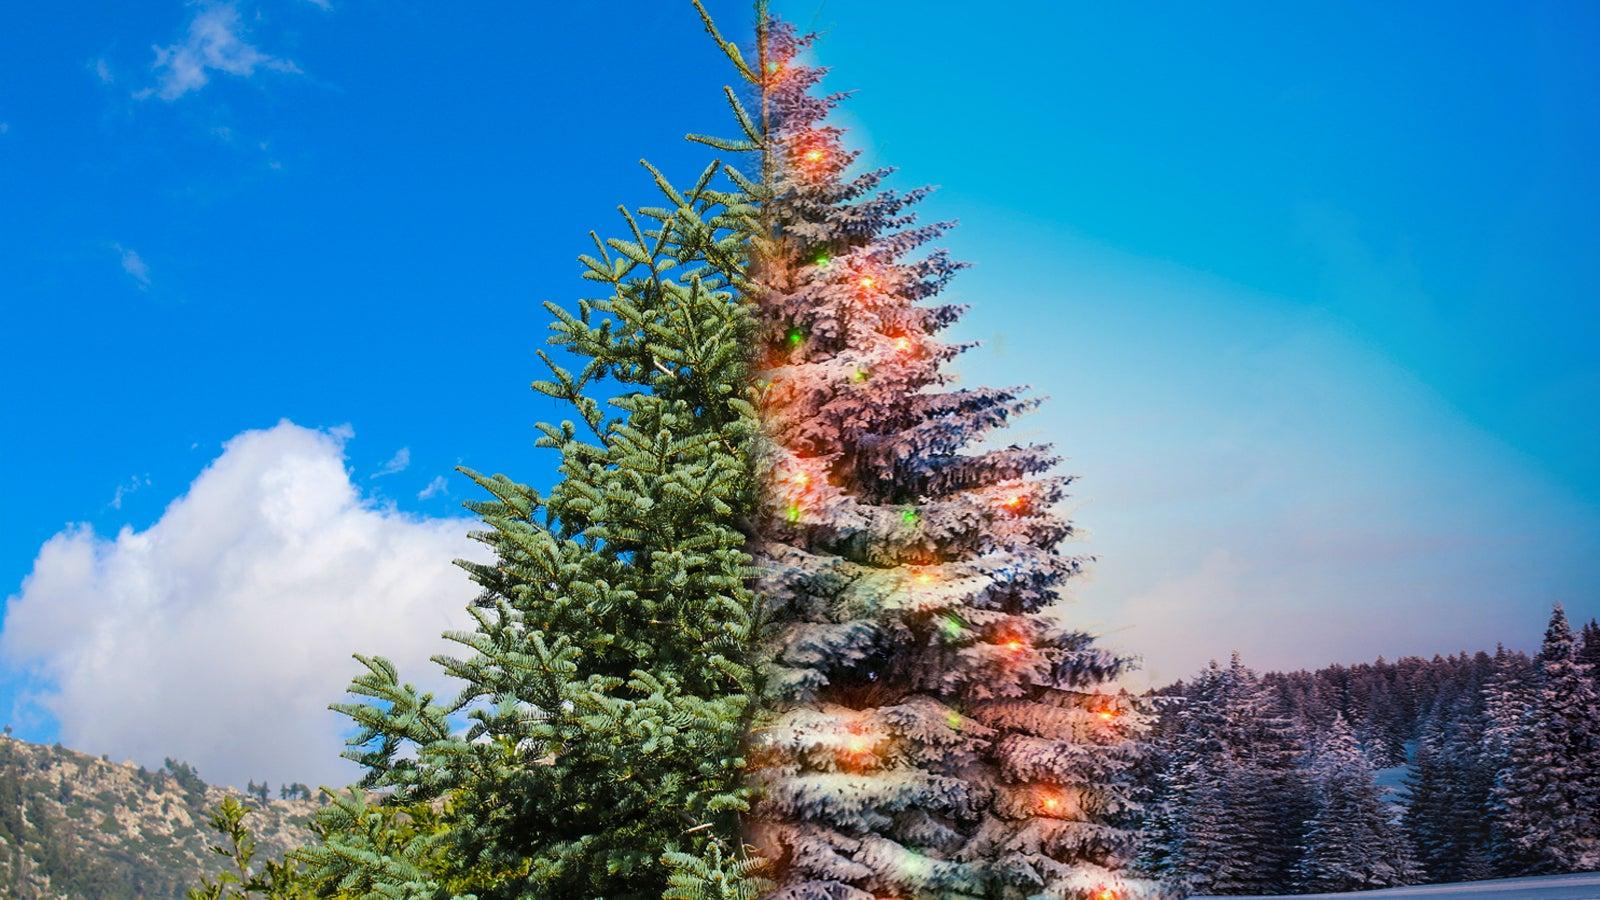 Meteorologin Gibt Ausblick Polarwirbel Konnte Zur Weihnachtszeit